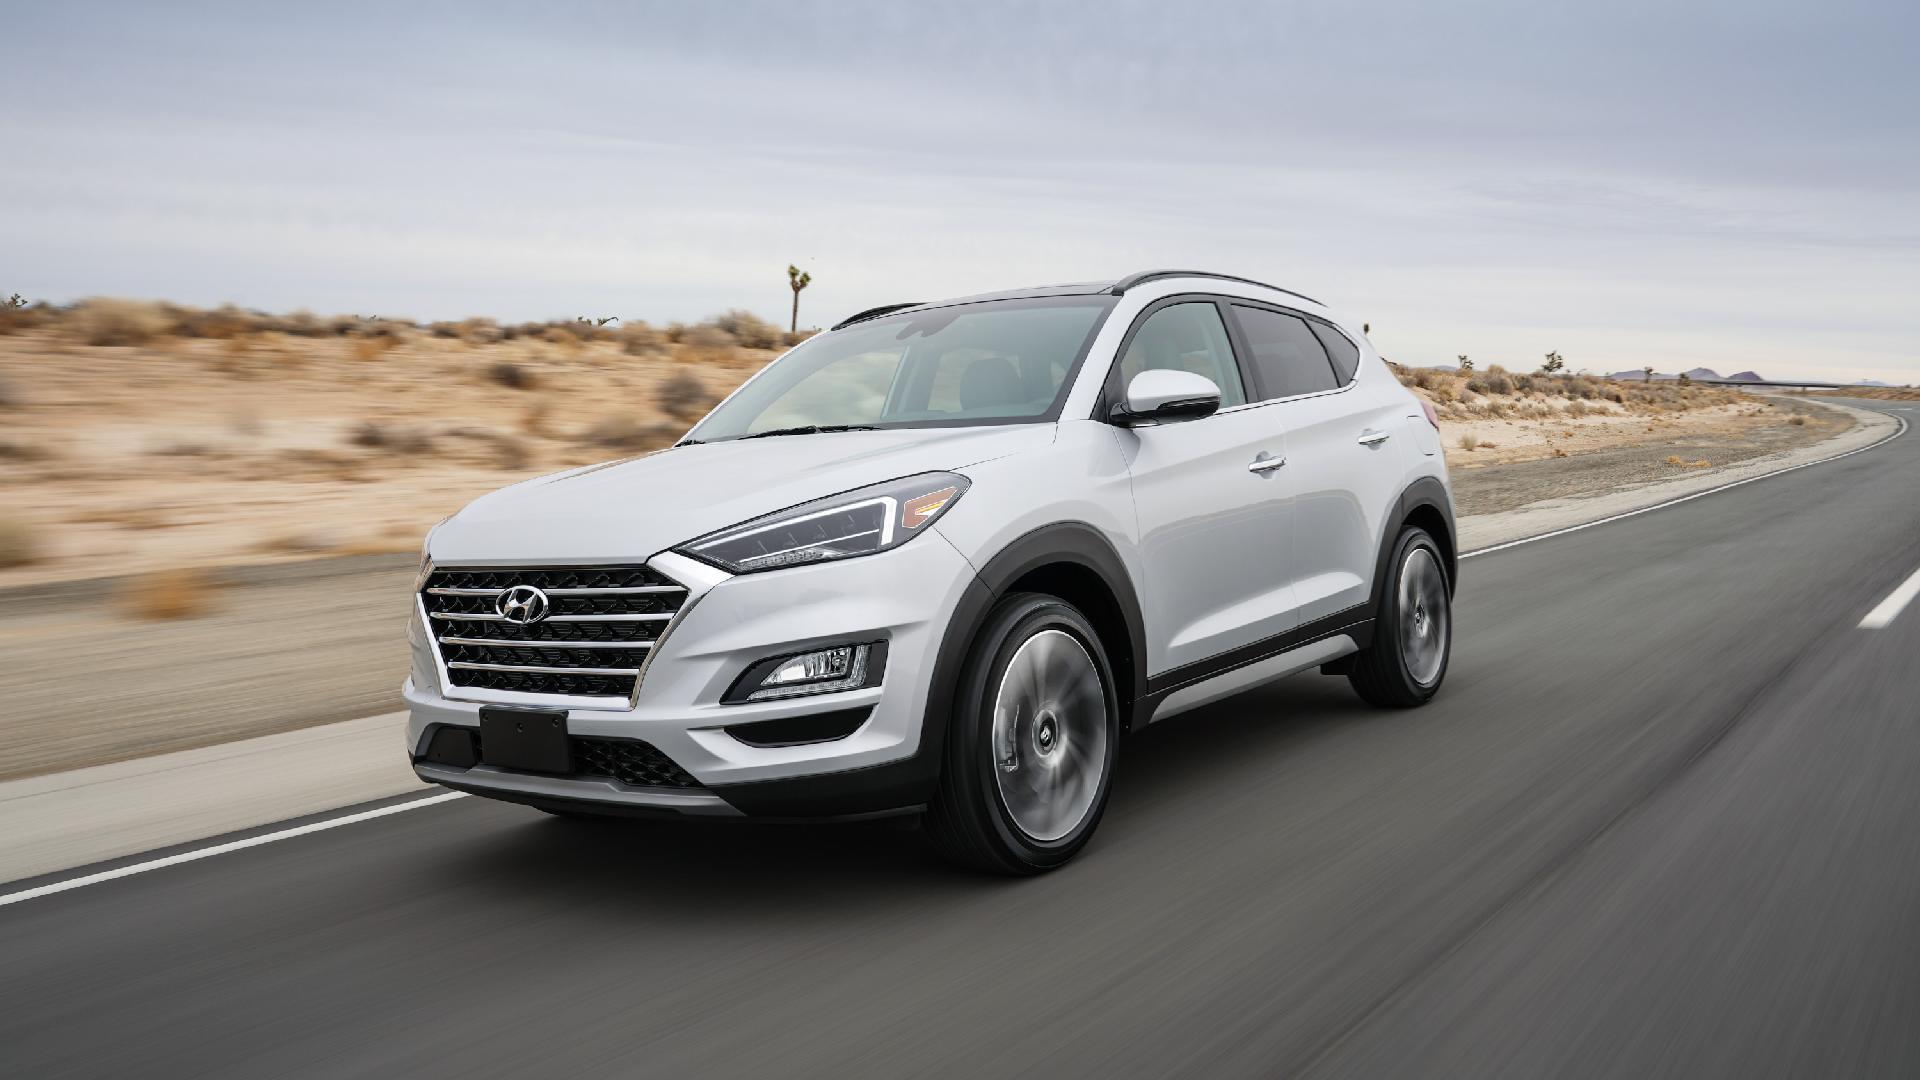 HYUNDAI Tucson 1.6 GDi Comfort 2WD